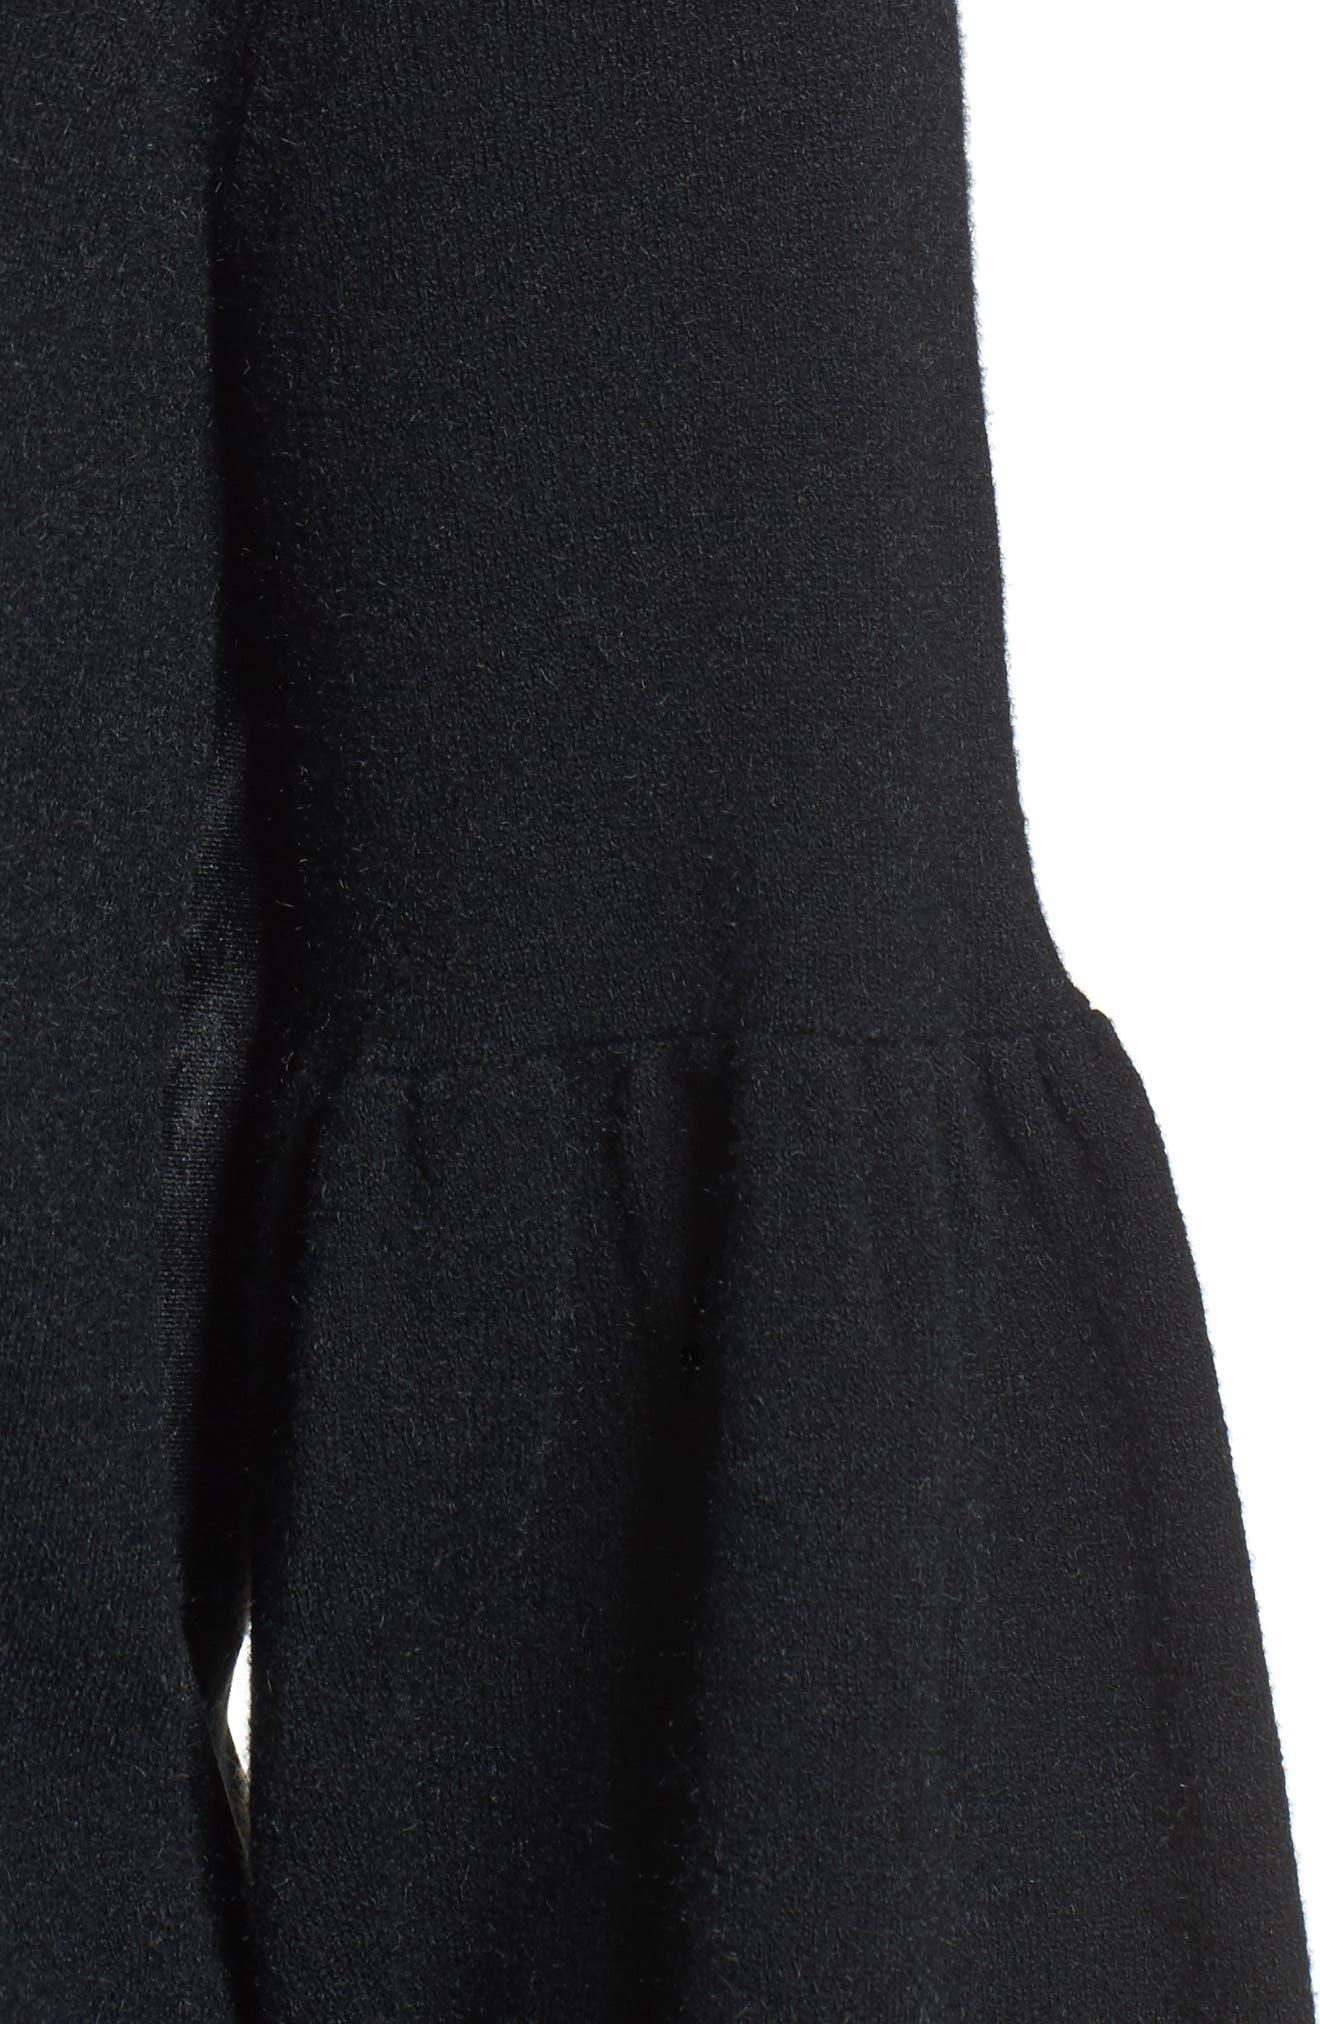 Velvet Back Sweater,                             Alternate thumbnail 4, color,                             Black